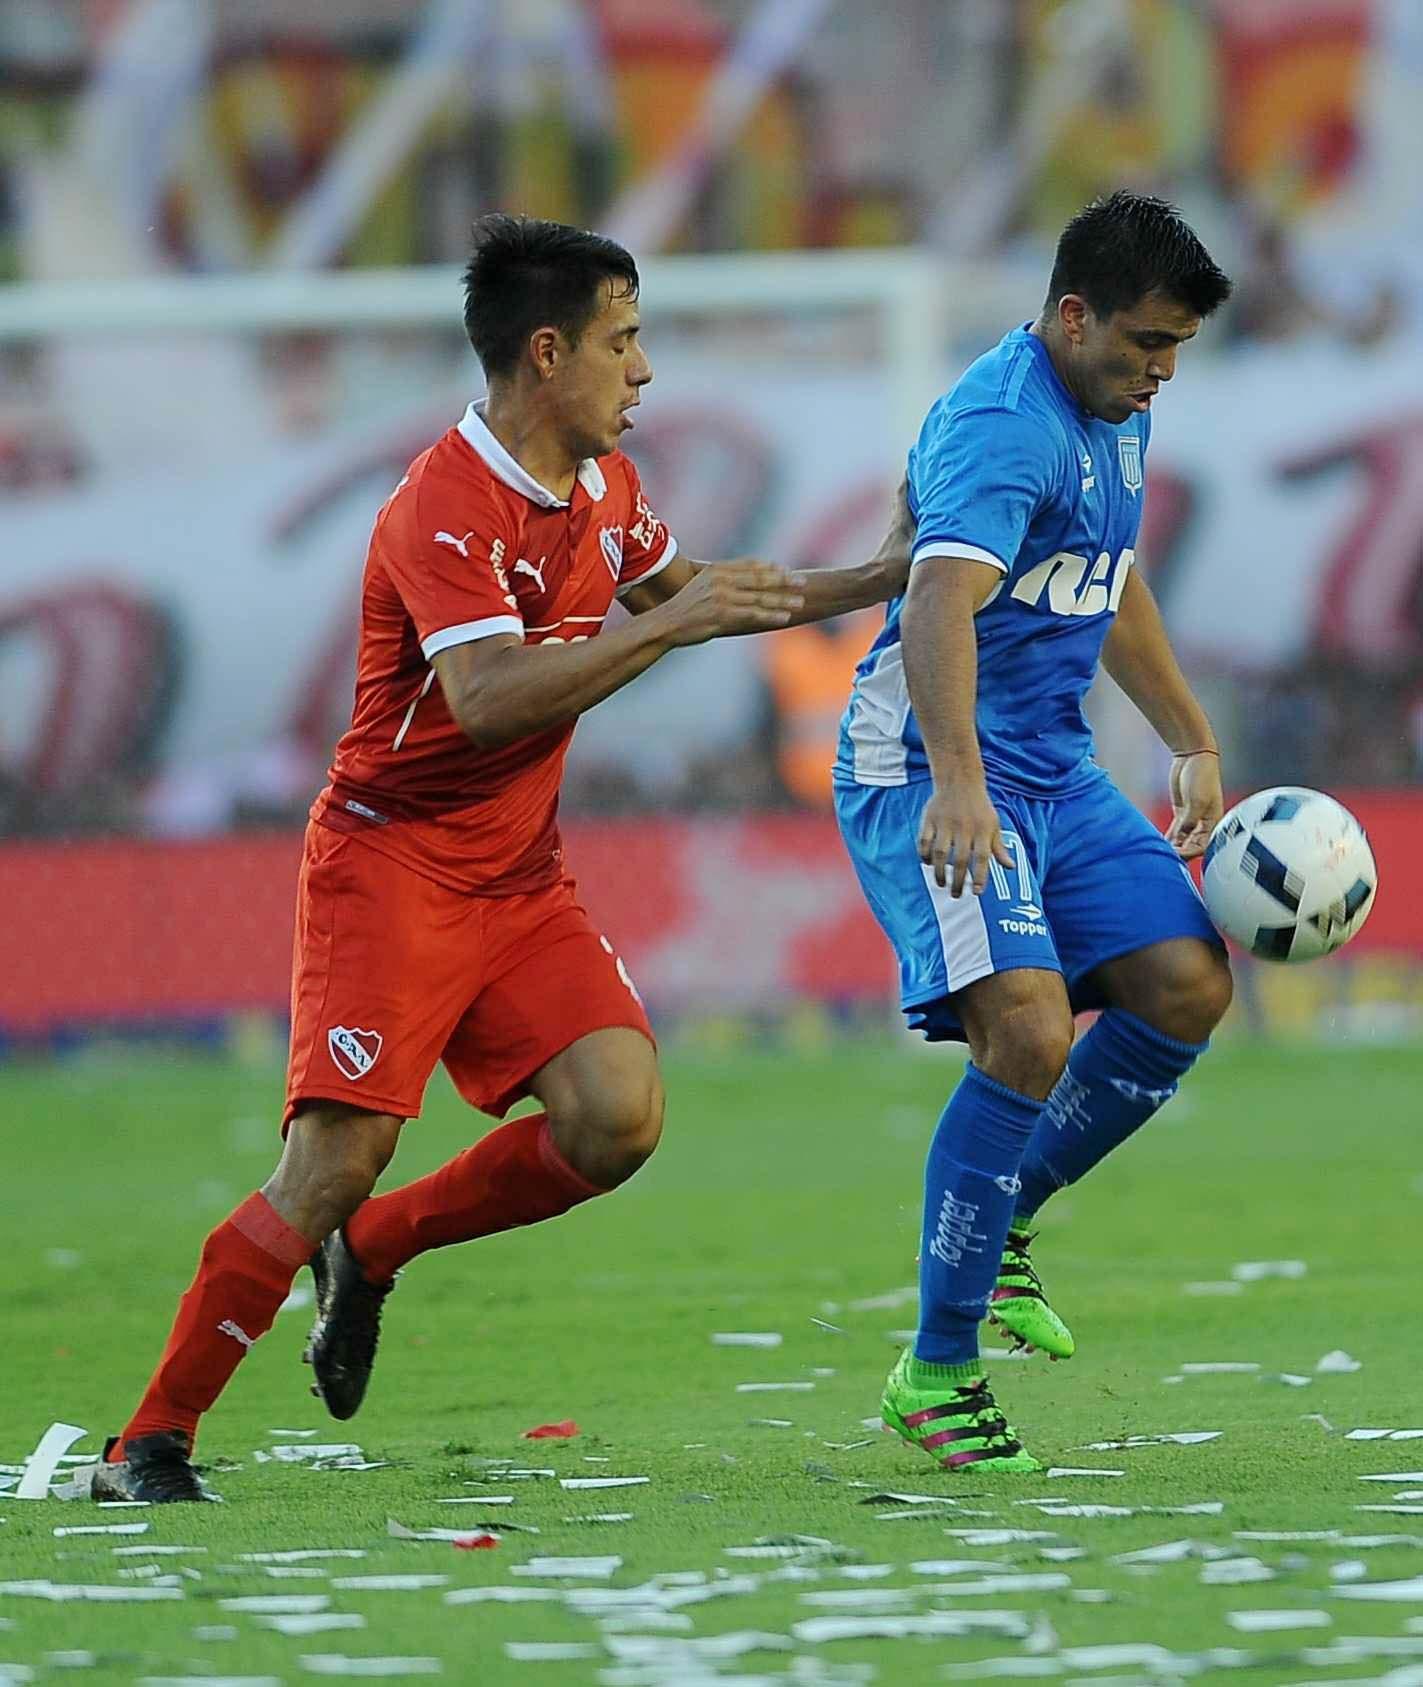 Con un golazo de Lisandro López, Racing le empató el clásico a Independiente